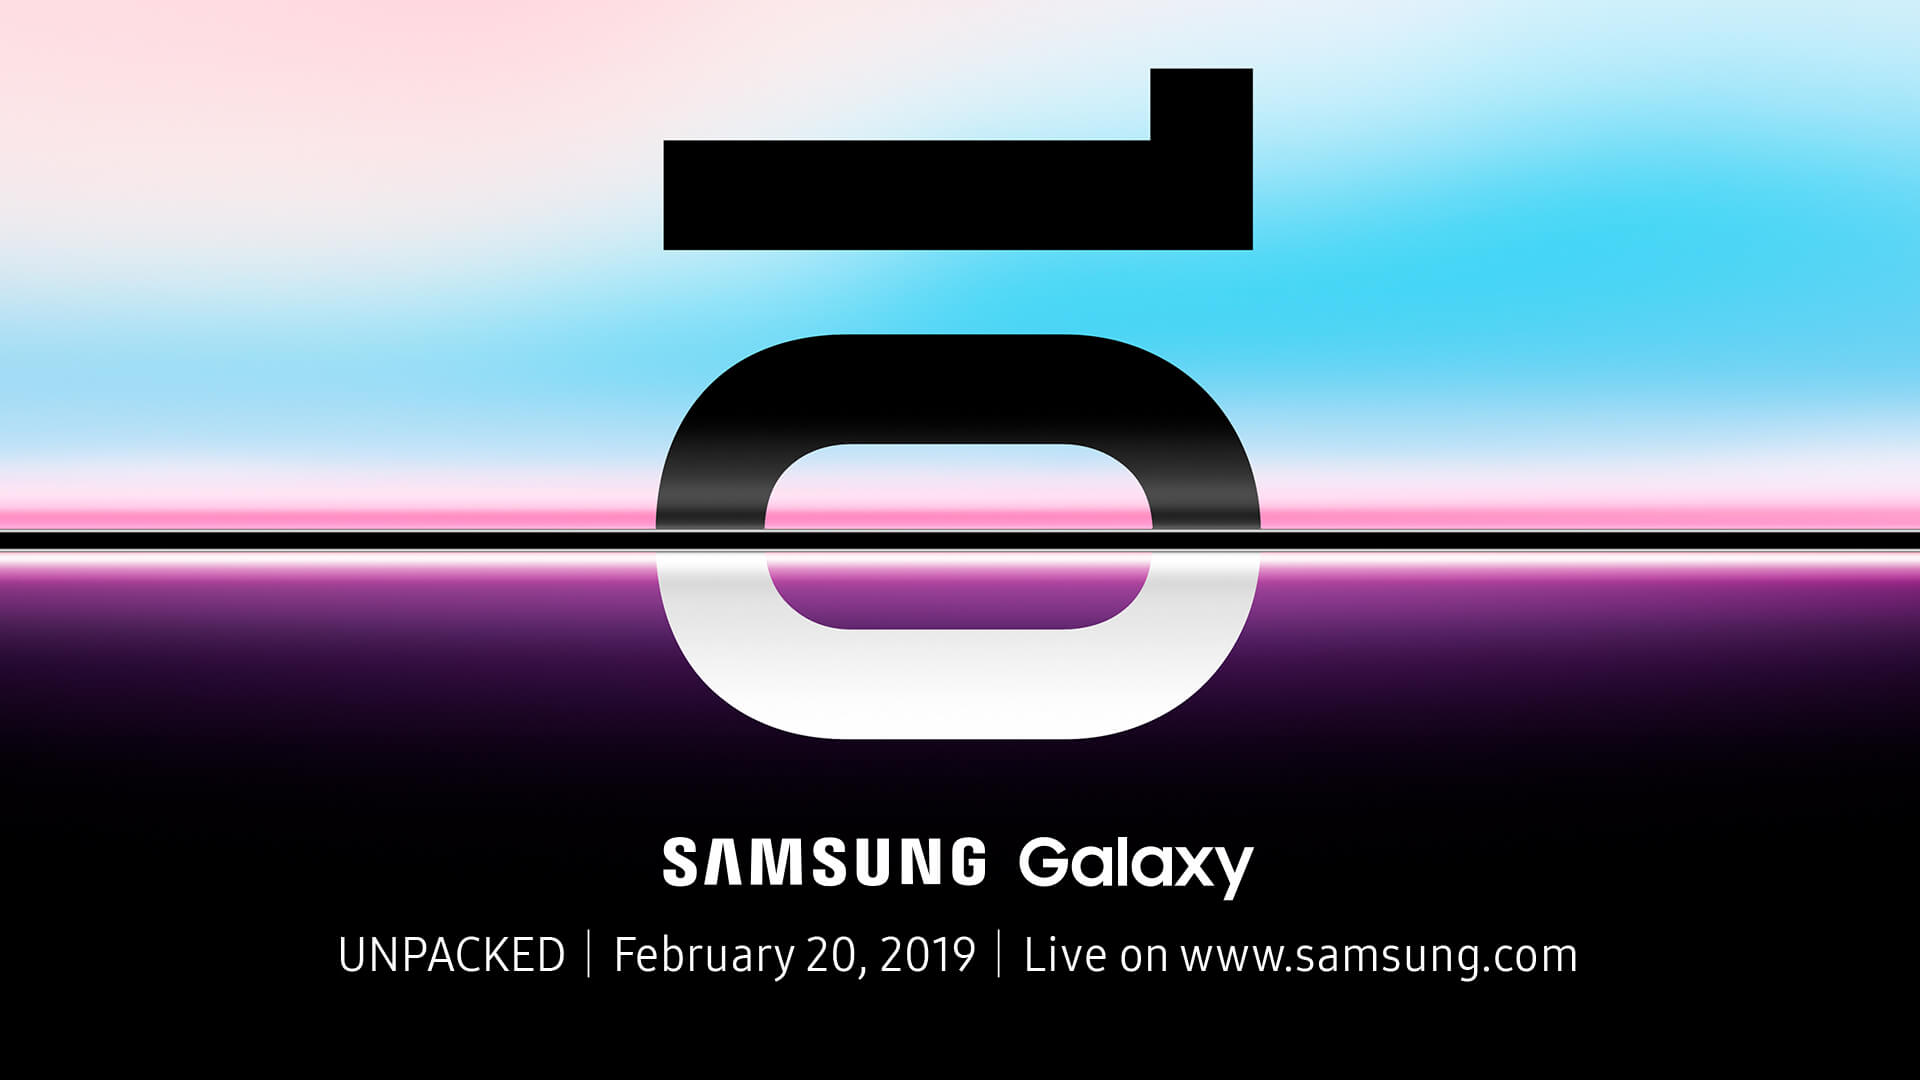 تسريب إصدارات و مواصفات هاتف GALAXY S10